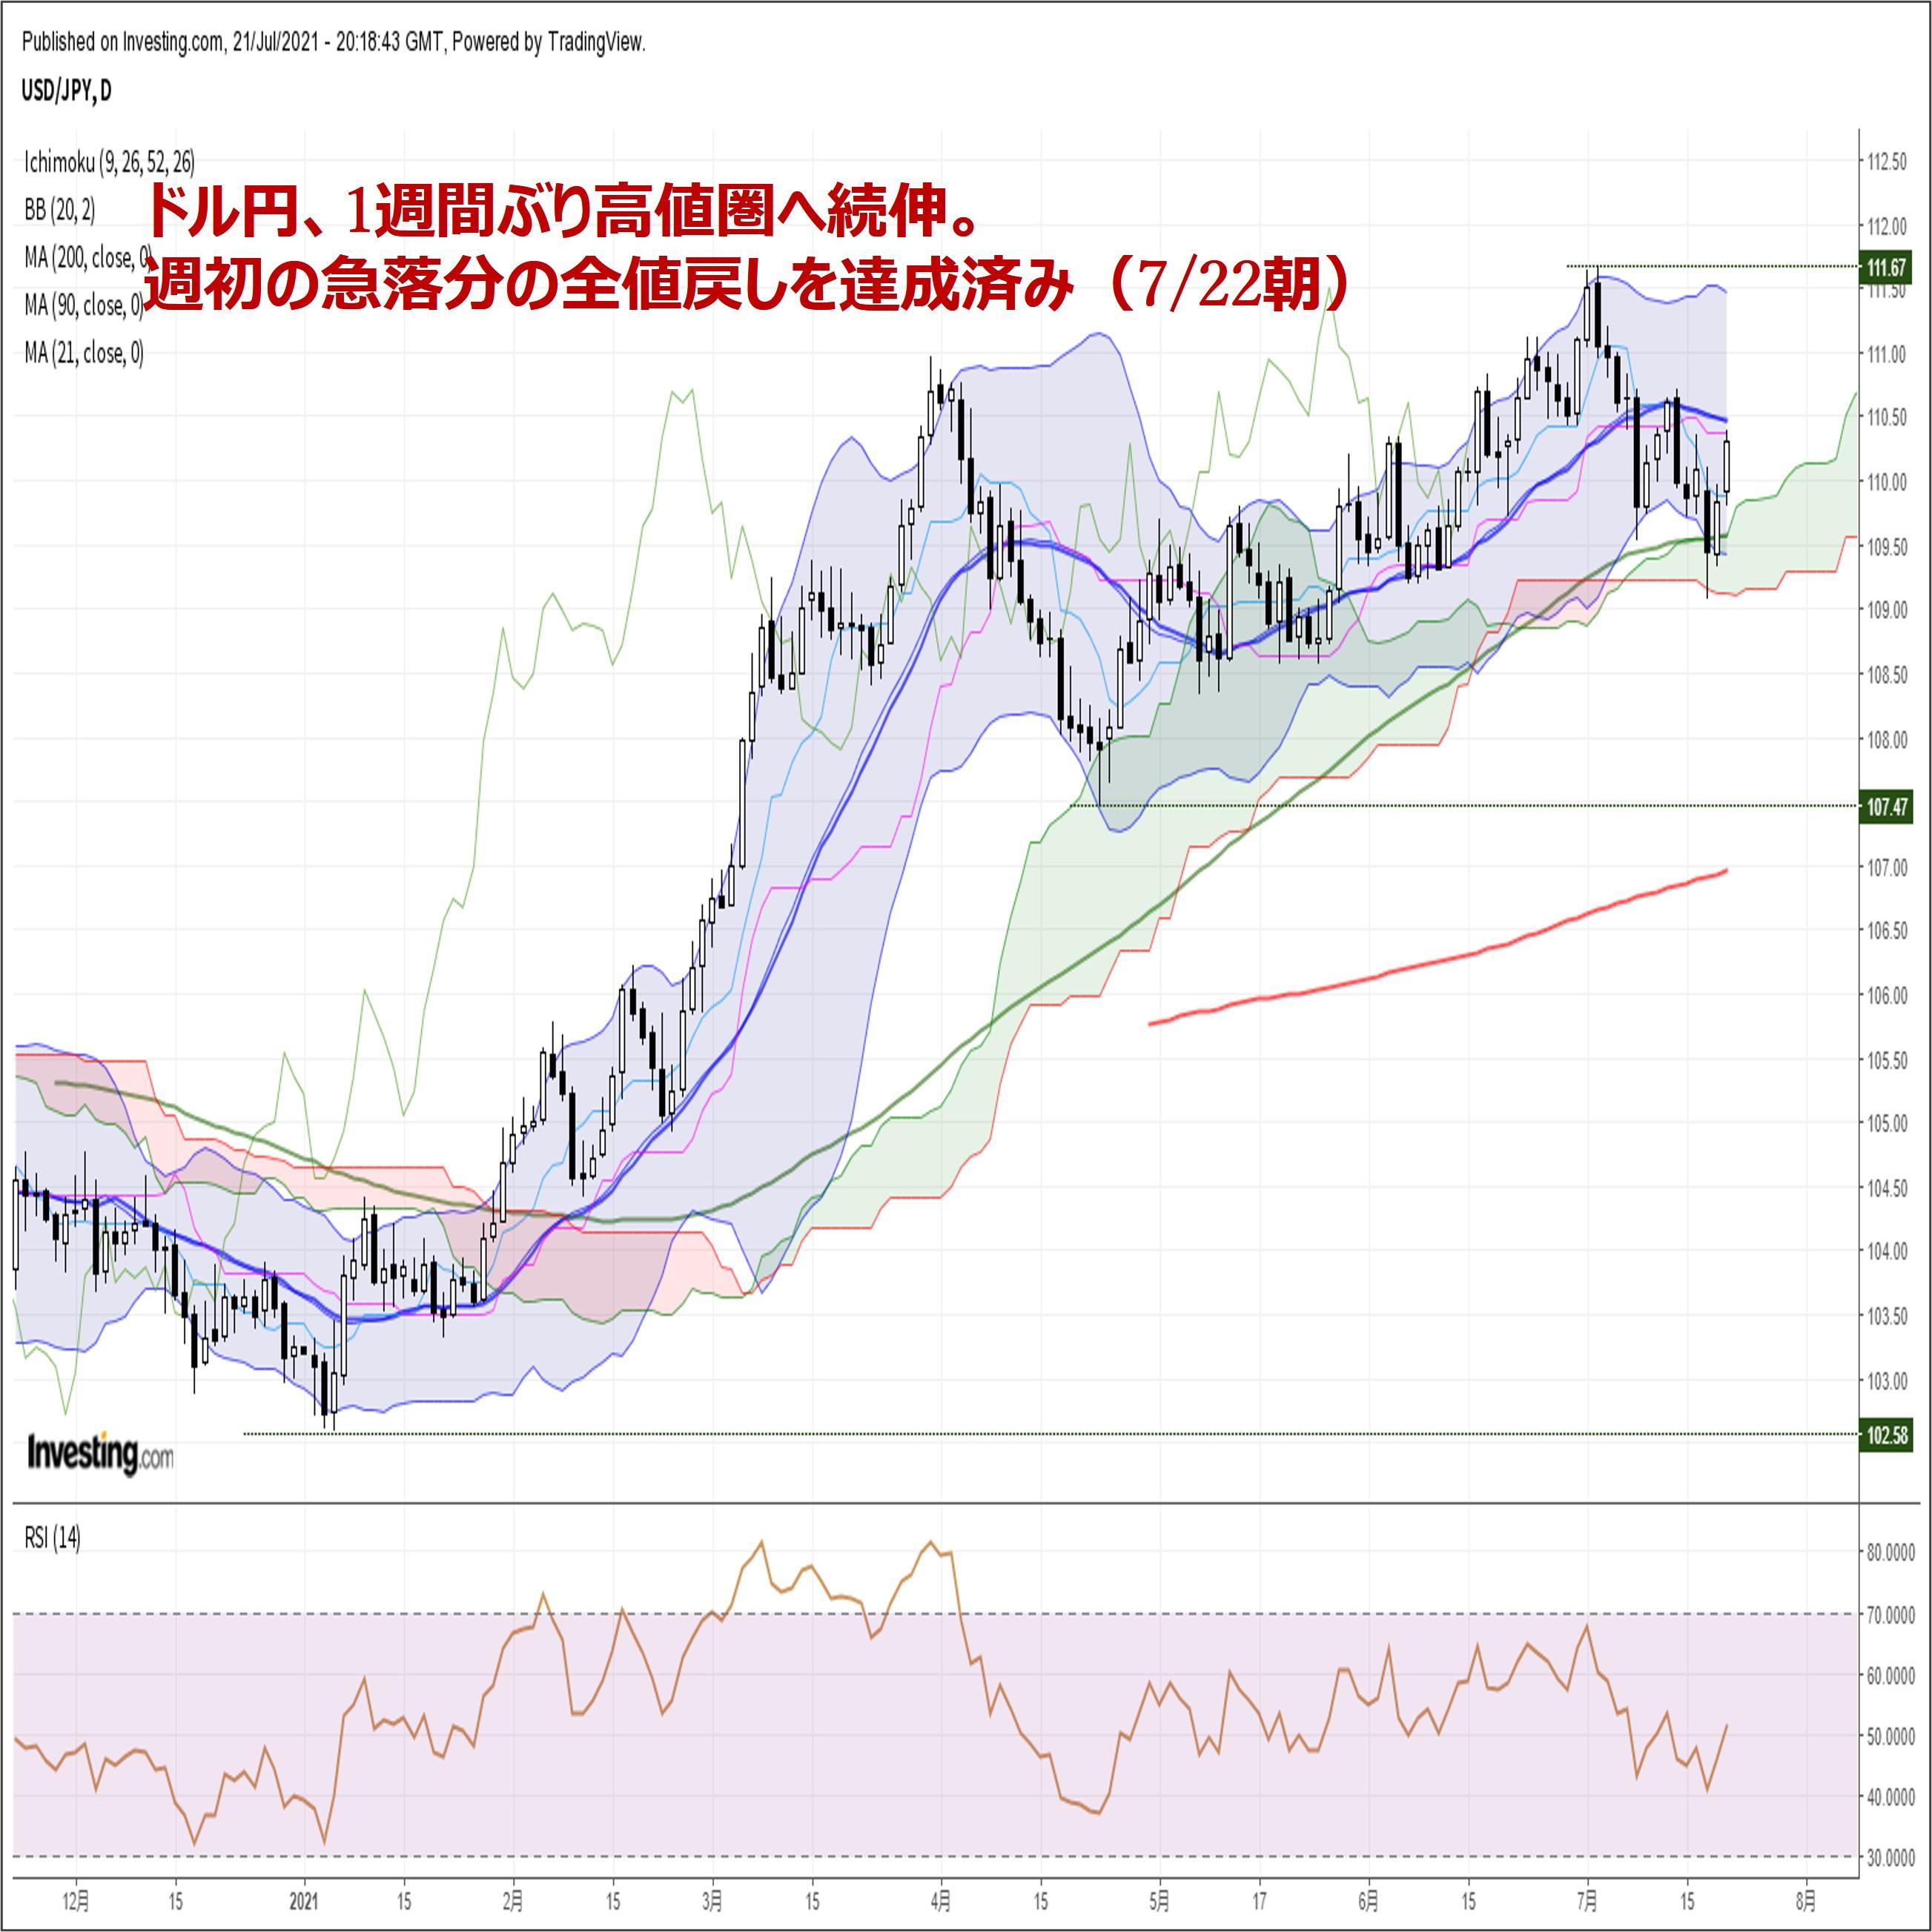 ドル円、1週間ぶり高値圏へ続伸。週初の急落分の全値戻しを早くも達成